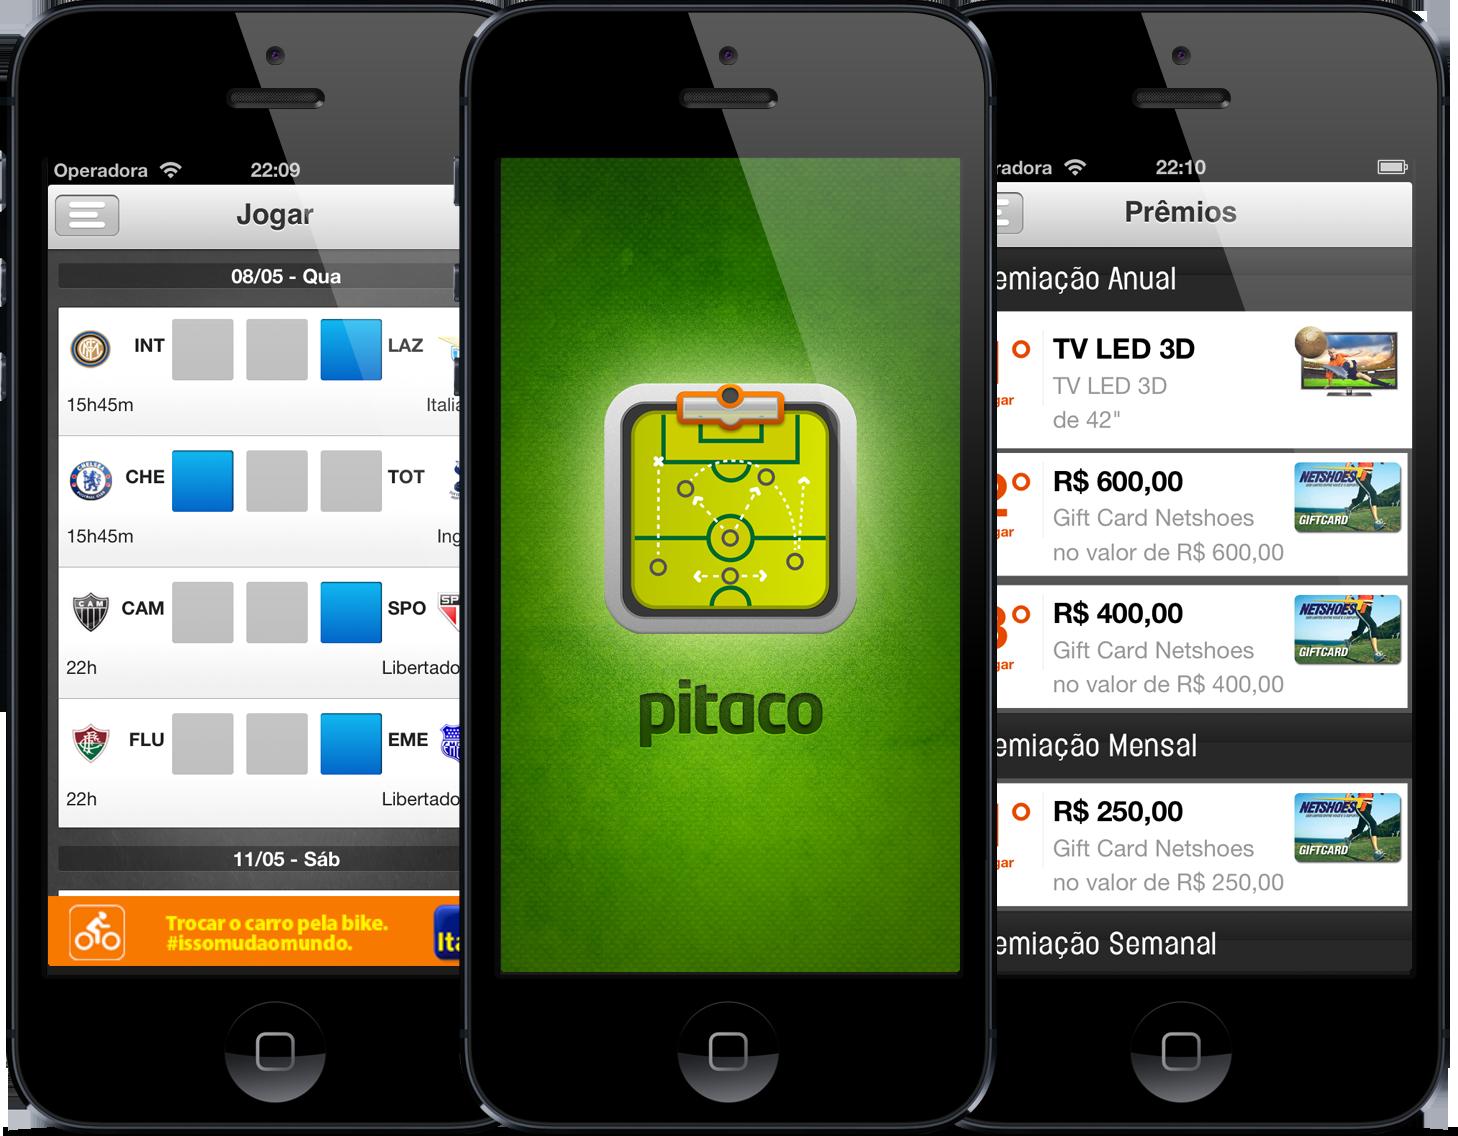 Pitaco - iPhones